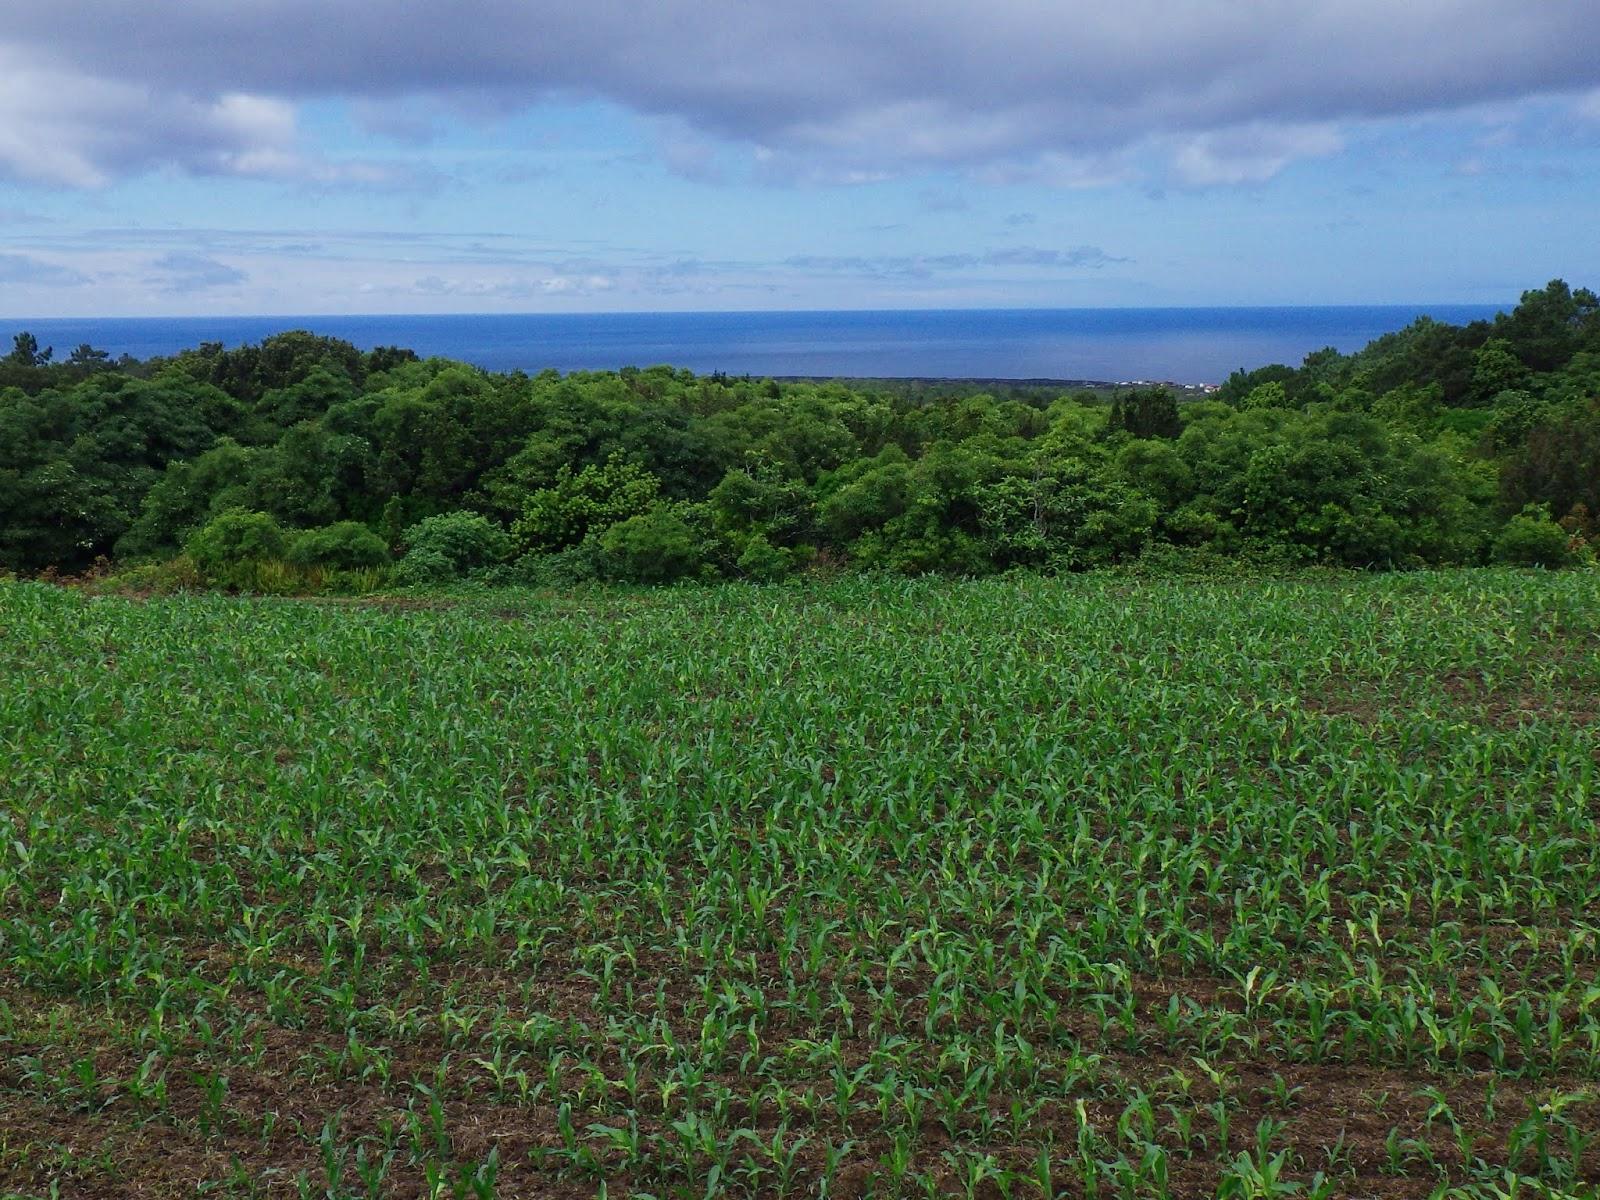 ピコ島の画像 p1_24